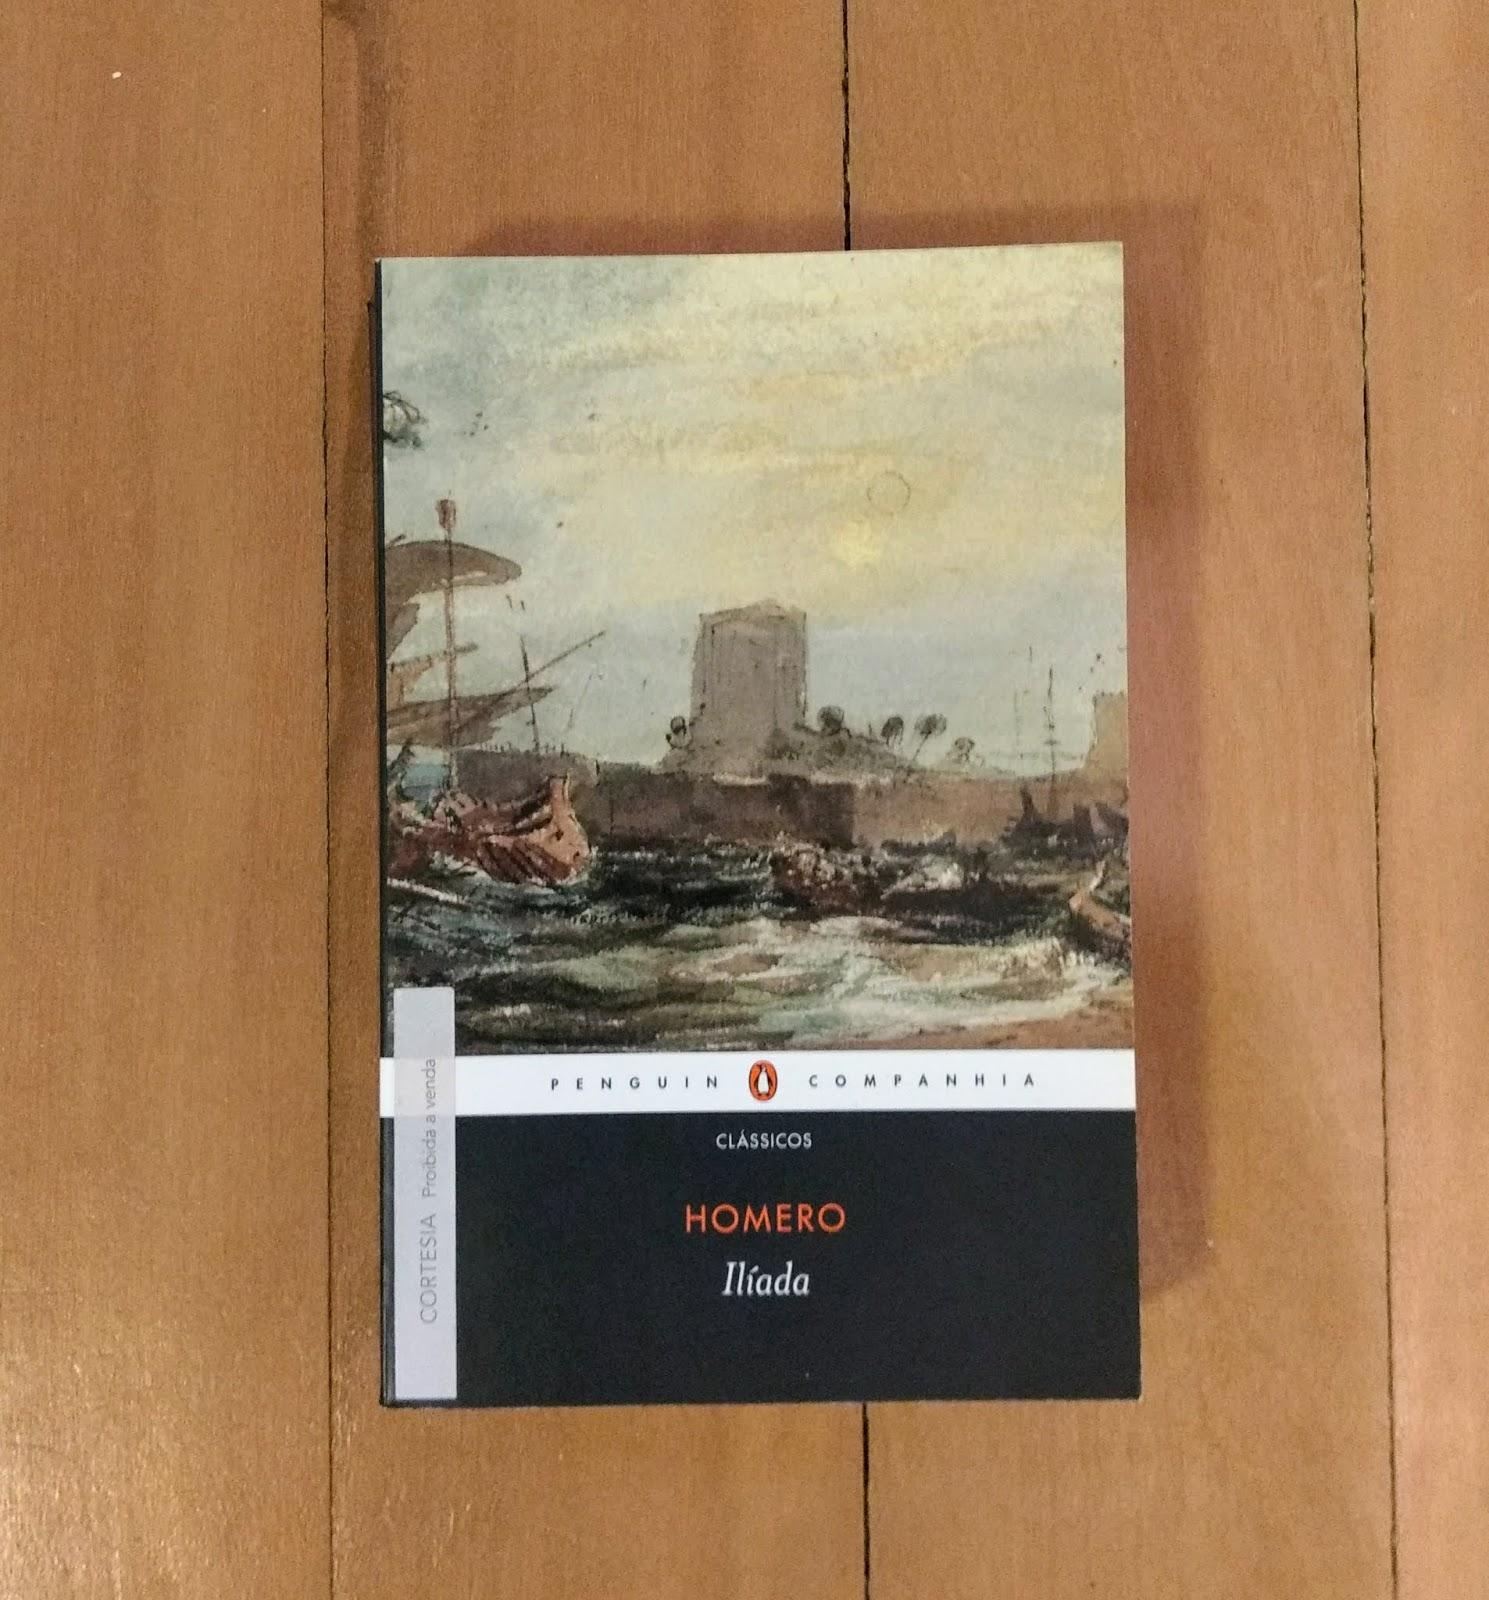 b530664de0862 É dele a tarefa de avaliar estes dois clássicos da literatura mundial na  versão integral do selo Penguin da Companhia das Letras. Assim que eu  conseguir uma ...